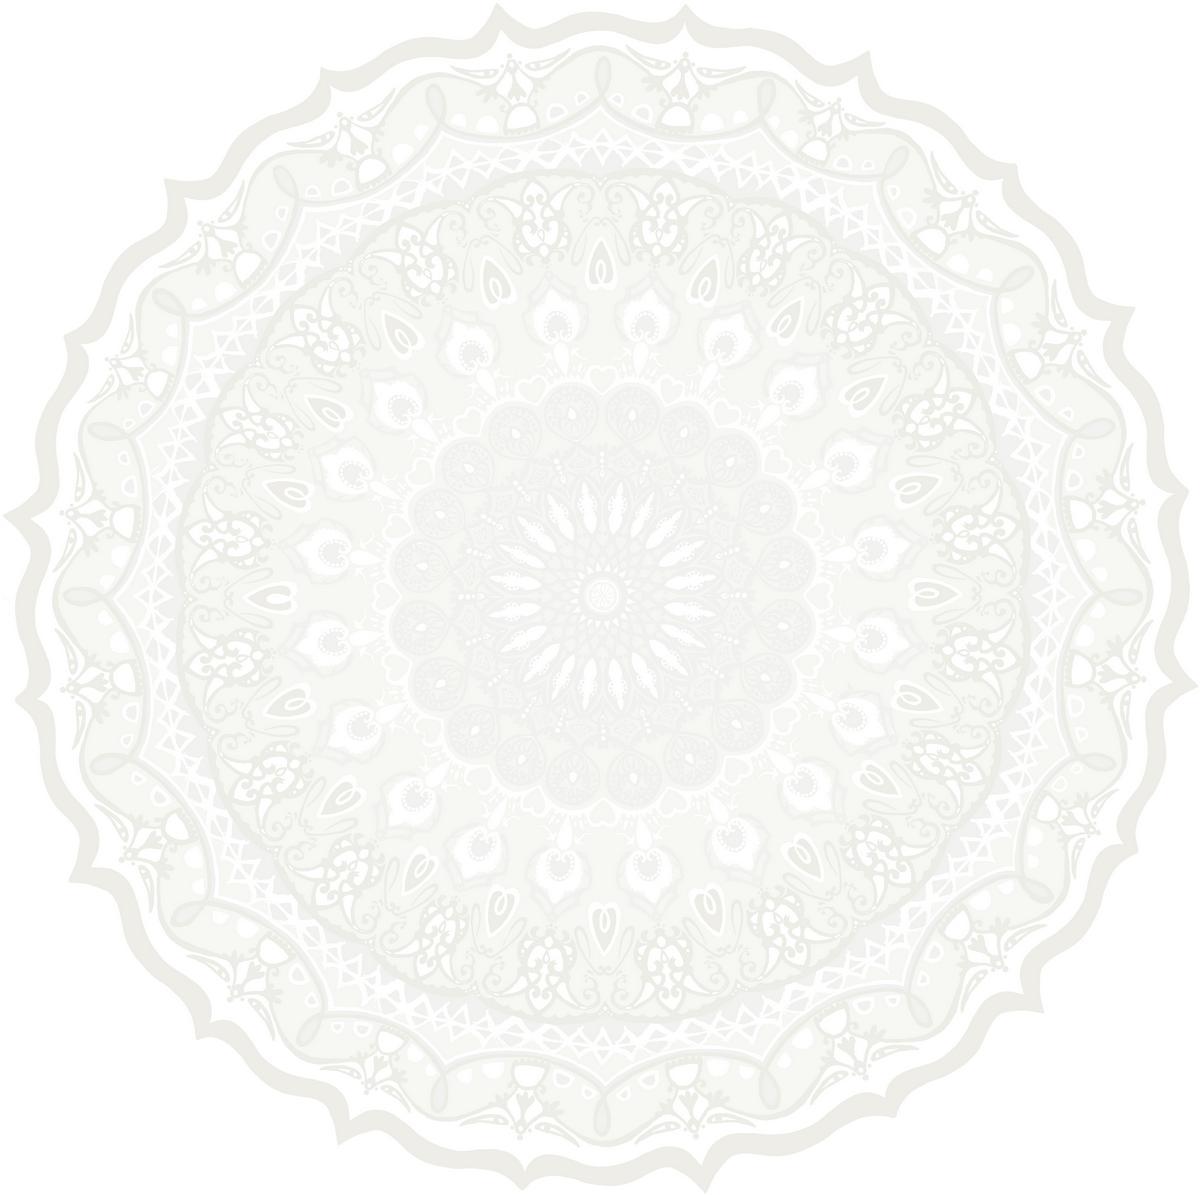 Обои  Valilla,  коллекция Kompassi, артикул4977-1